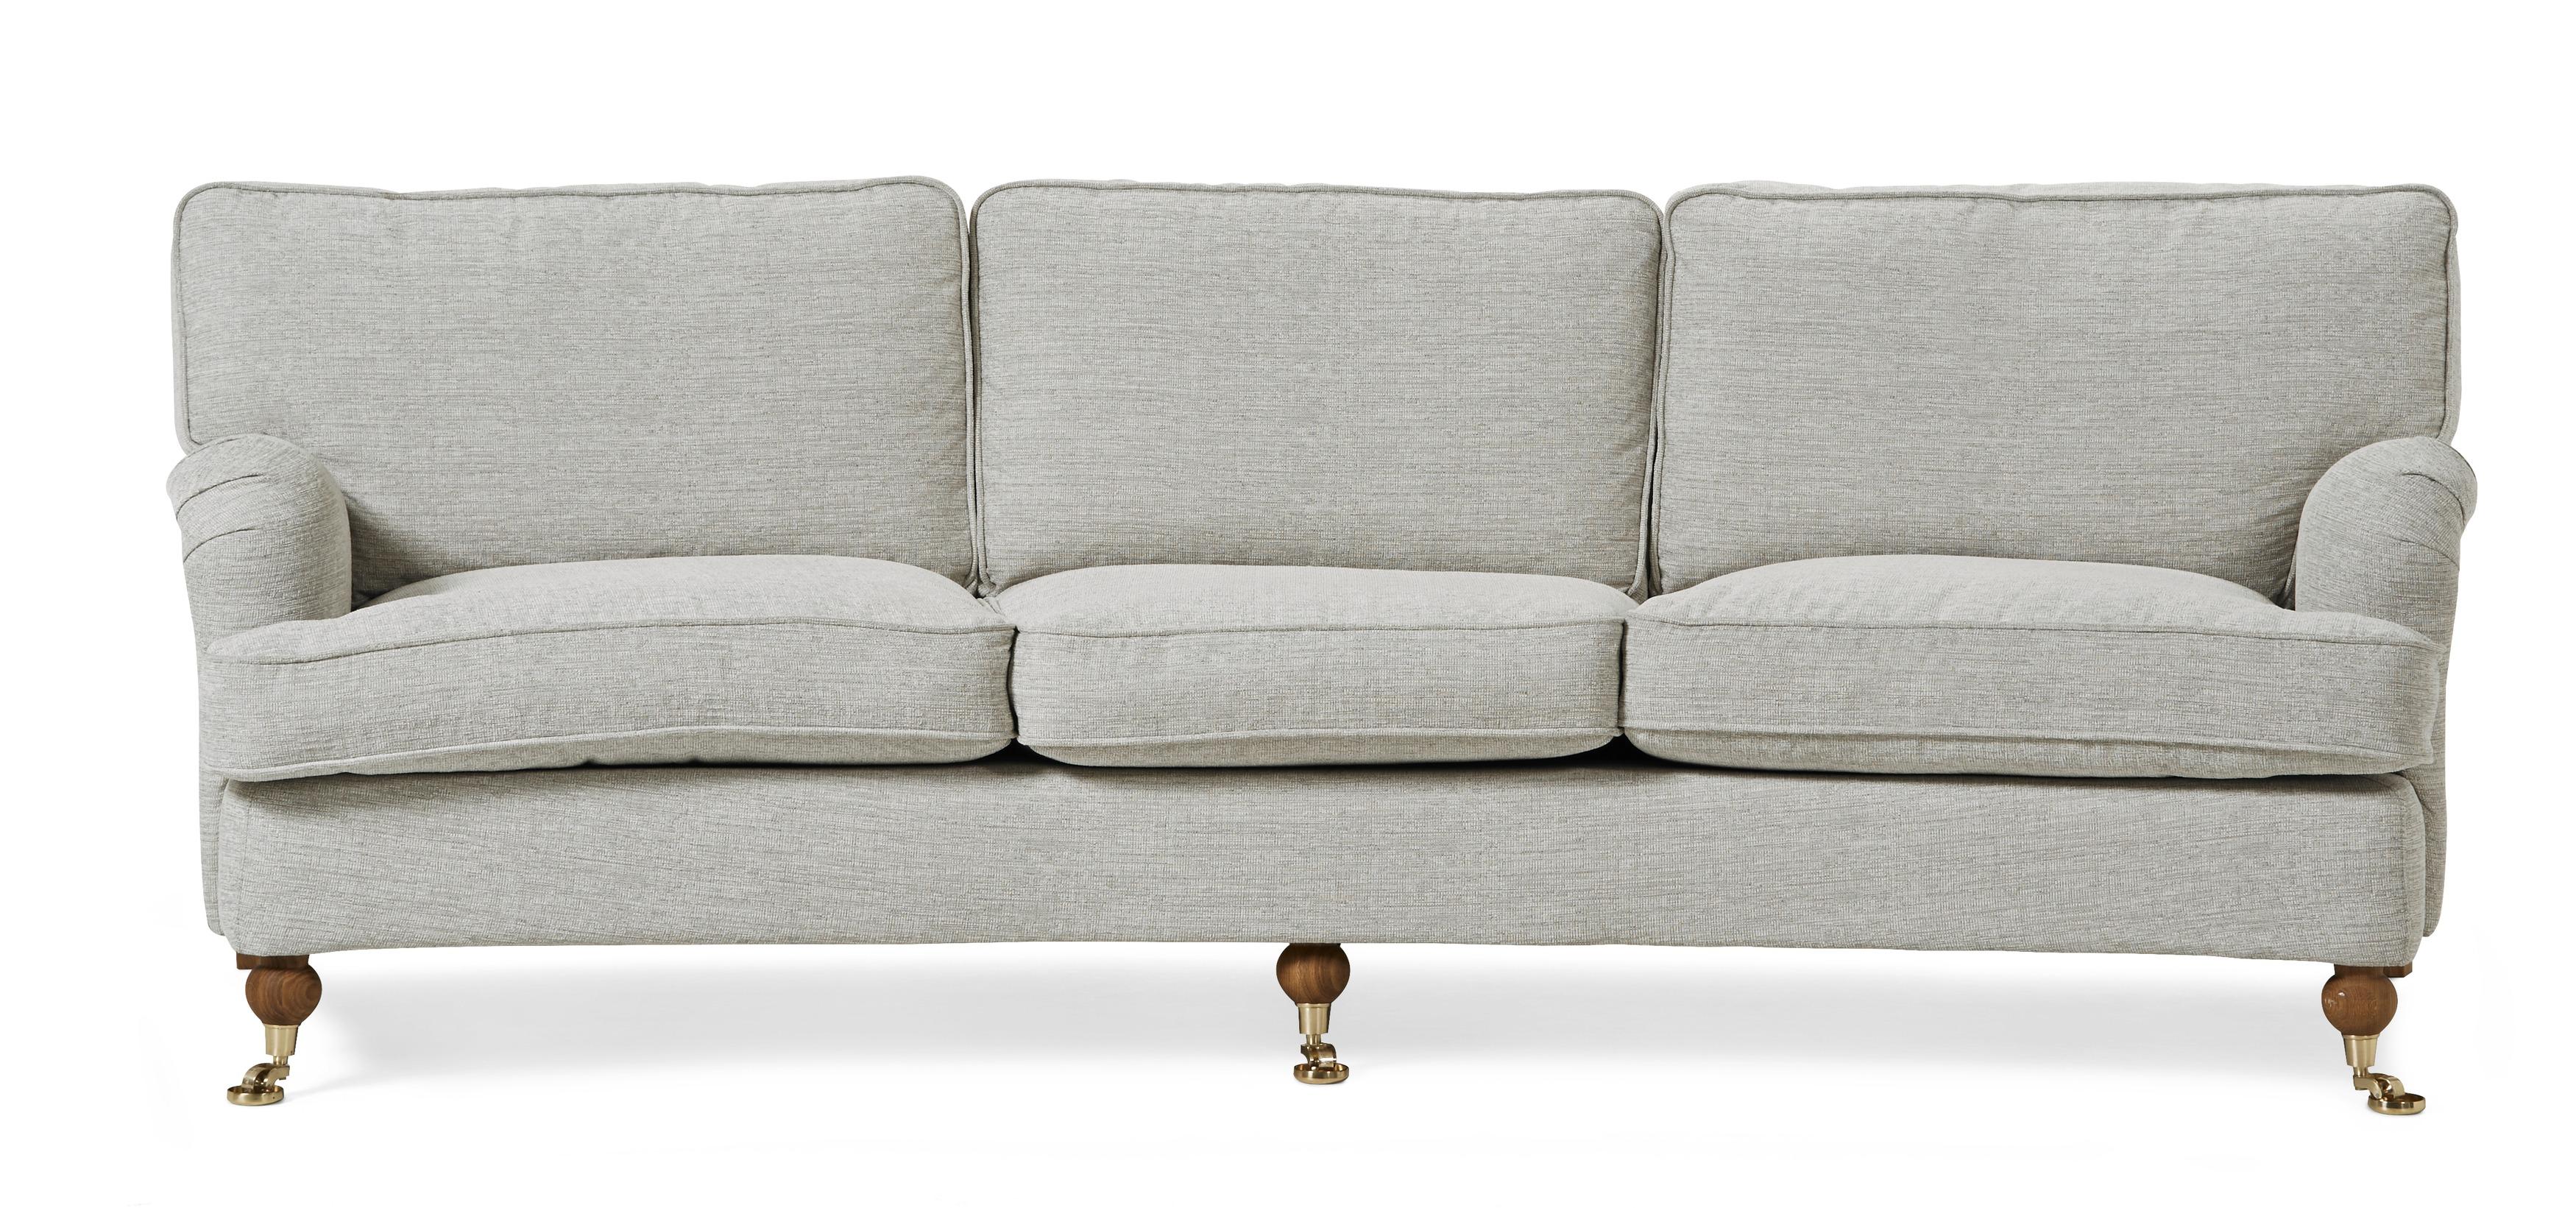 Helt nya Vi har köpt en soffa!! Och varför det gör mig så glad. | Livet i DB MM-11